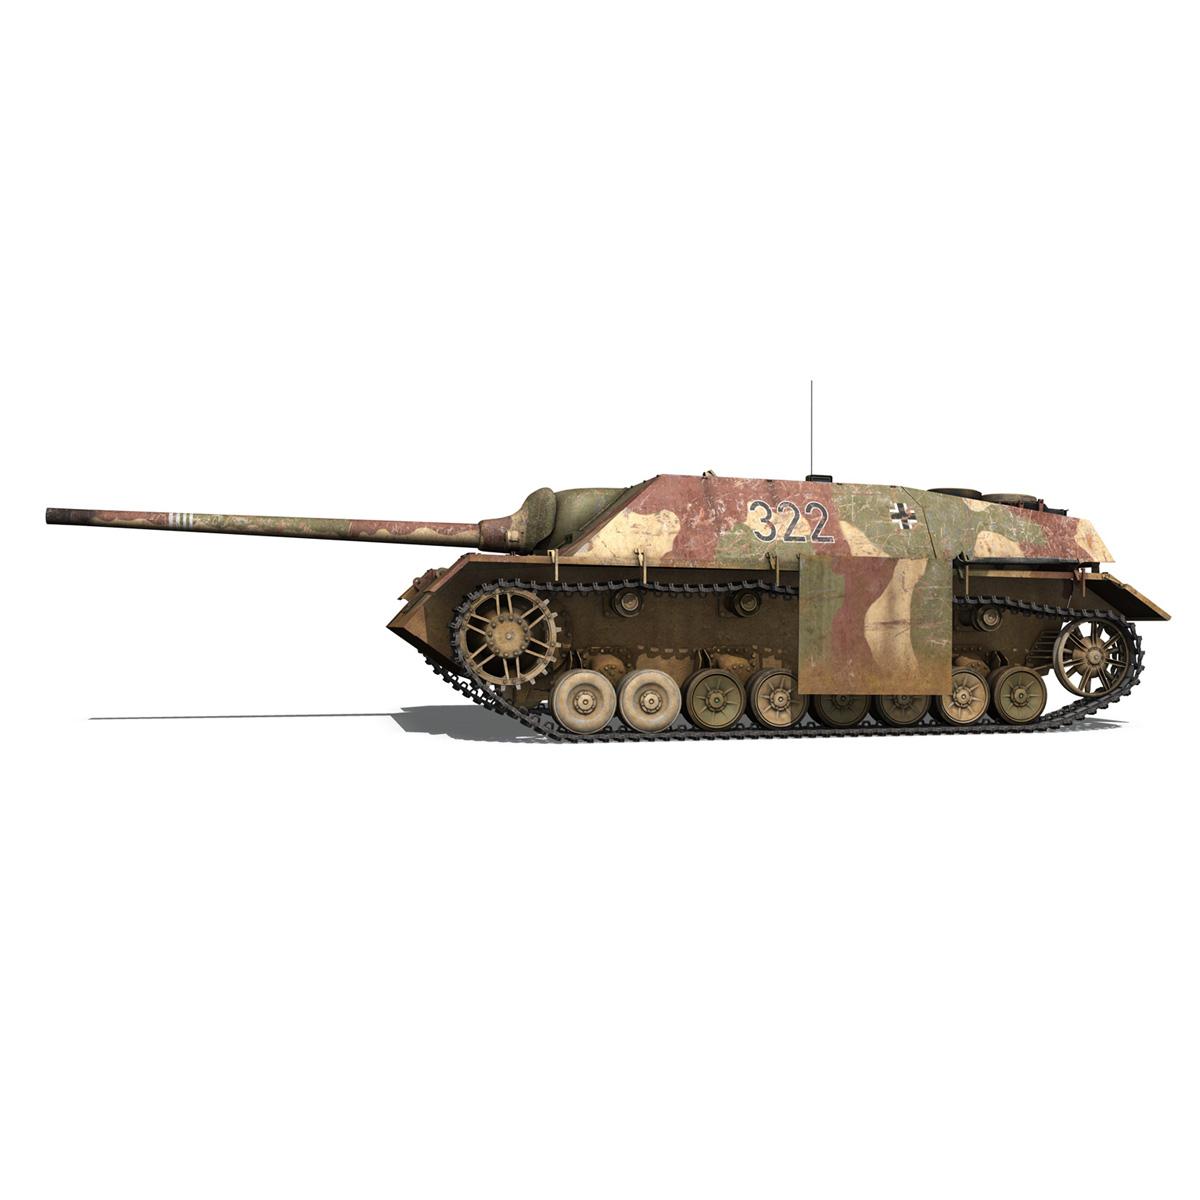 jagdpanzer iv l/70 (v) – 322 – late production 3d model 3ds fbx c4d lwo obj 280413